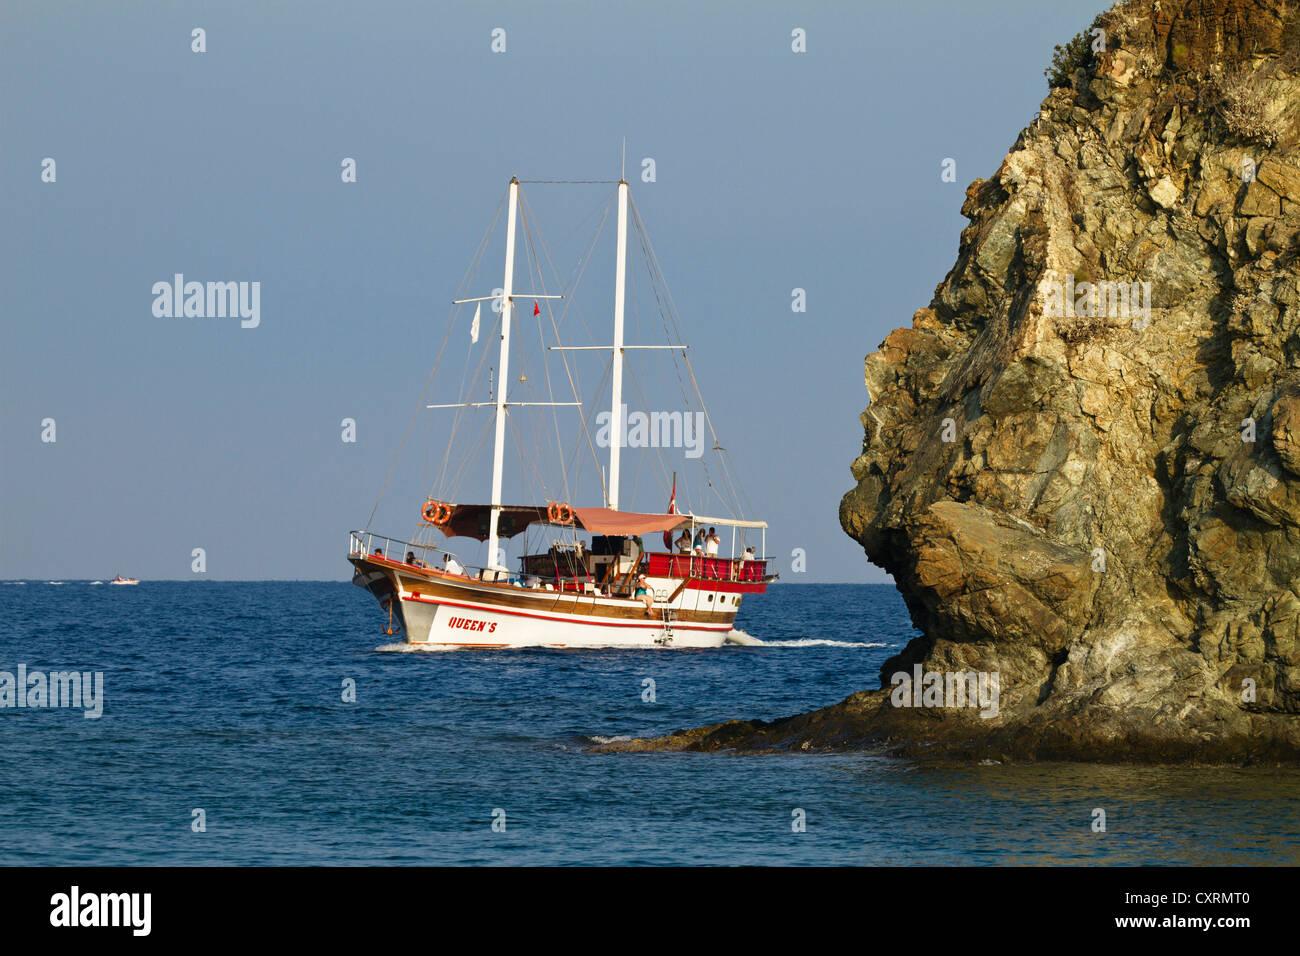 Barco a vela, navegando a lo largo de la costa cerca de Cirali Licio, Licia, del mar Egeo, el Mar Mediterráneo, Imagen De Stock